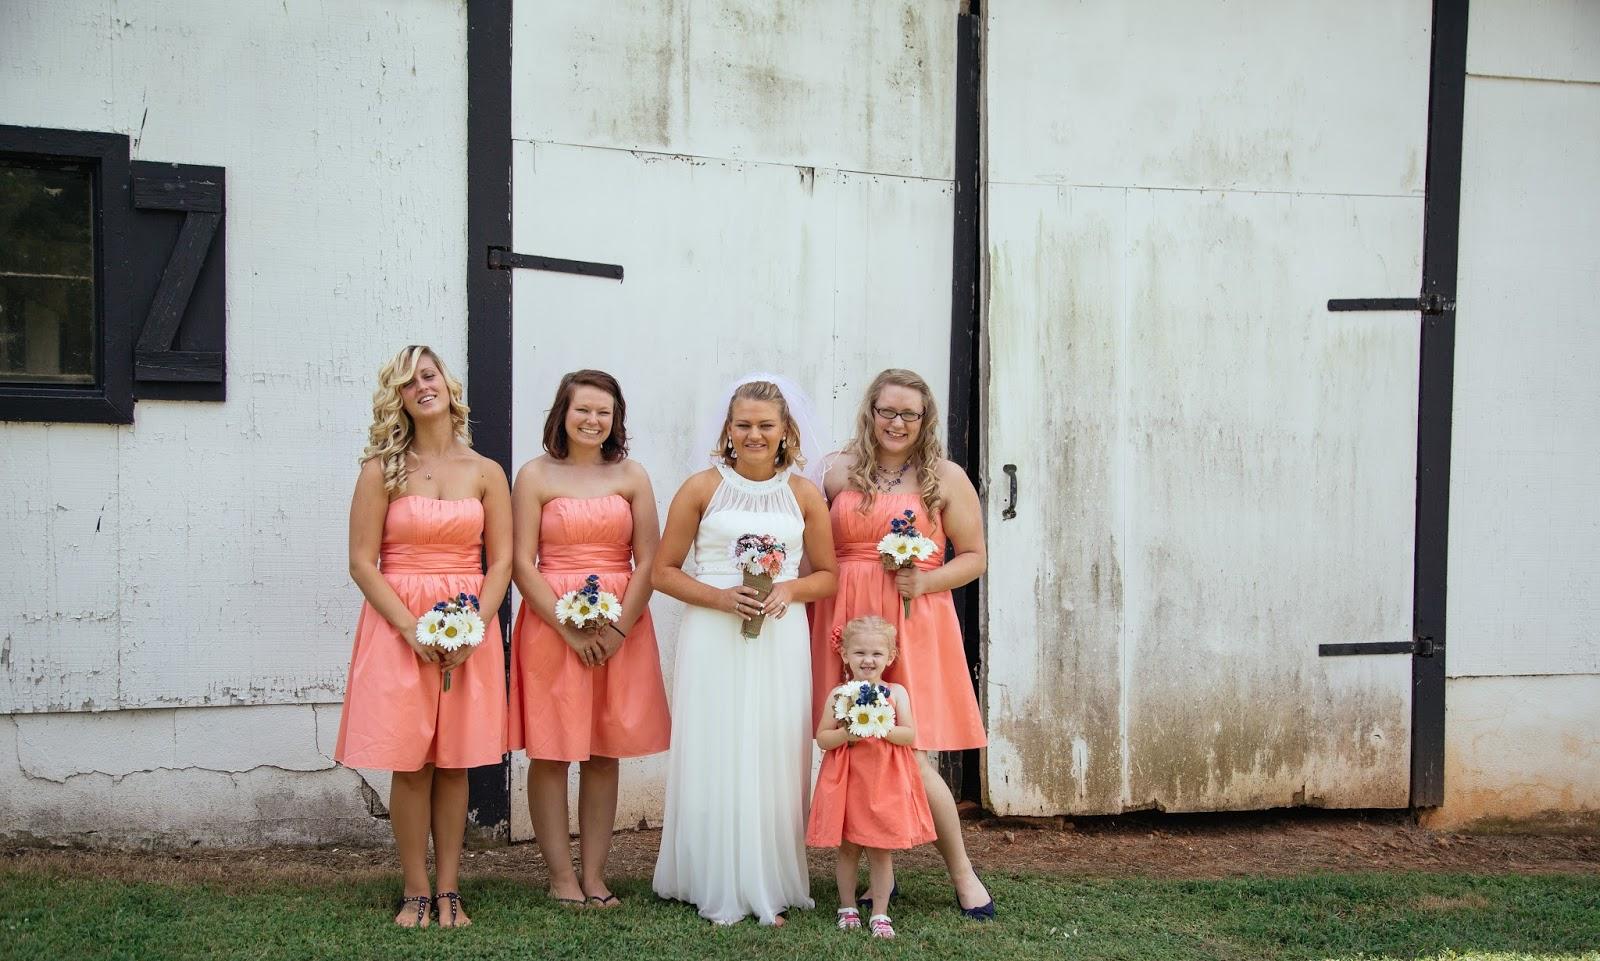 moore+wedding-15.jpg